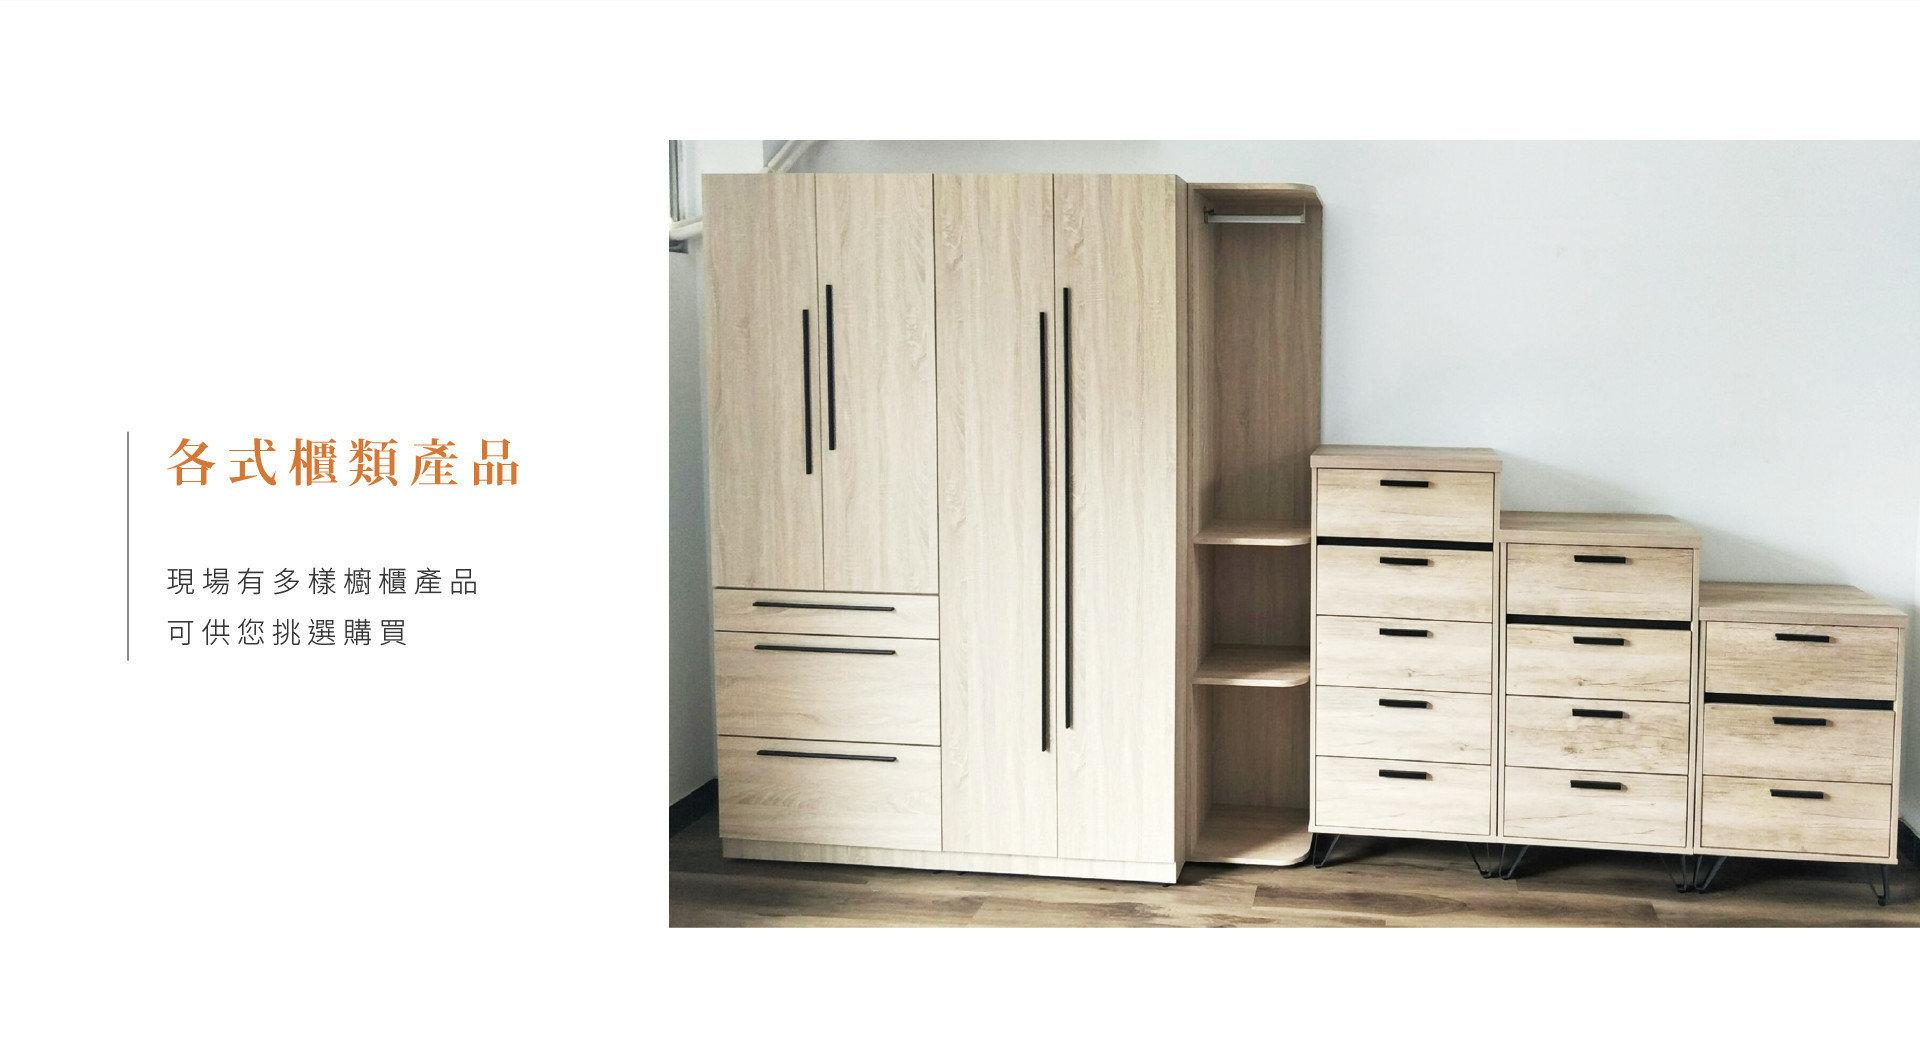 各式櫃類產品,滿足您家裡的需求,歡迎盡情選購